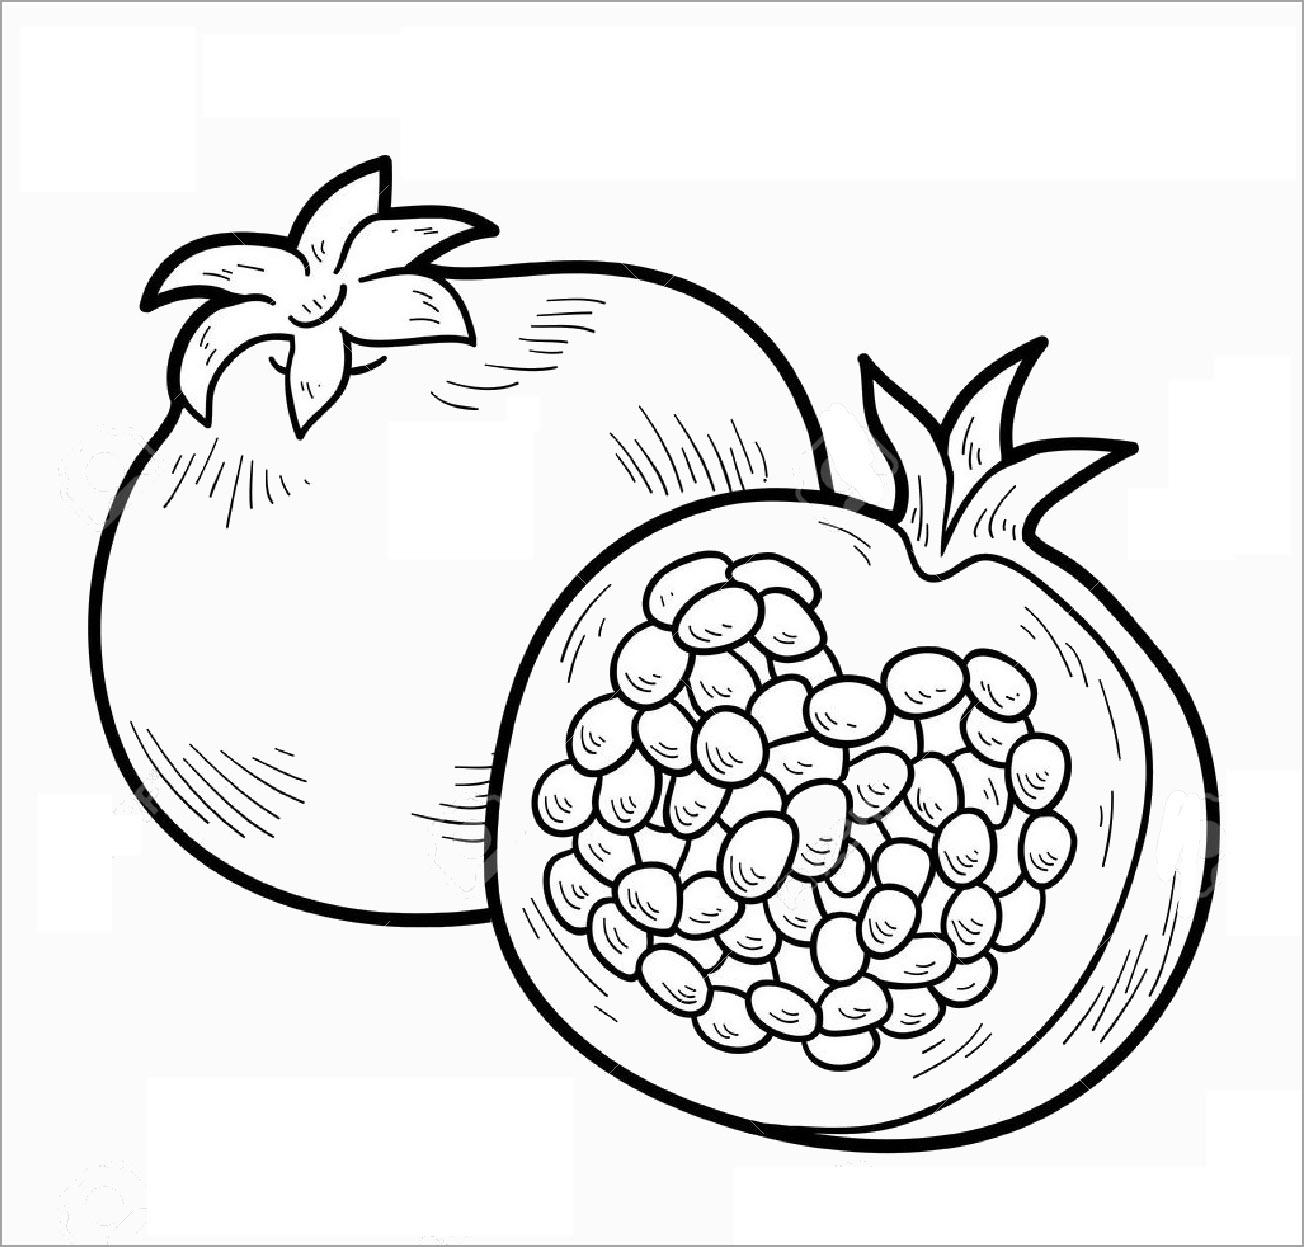 Tranh tô màu quả lựu